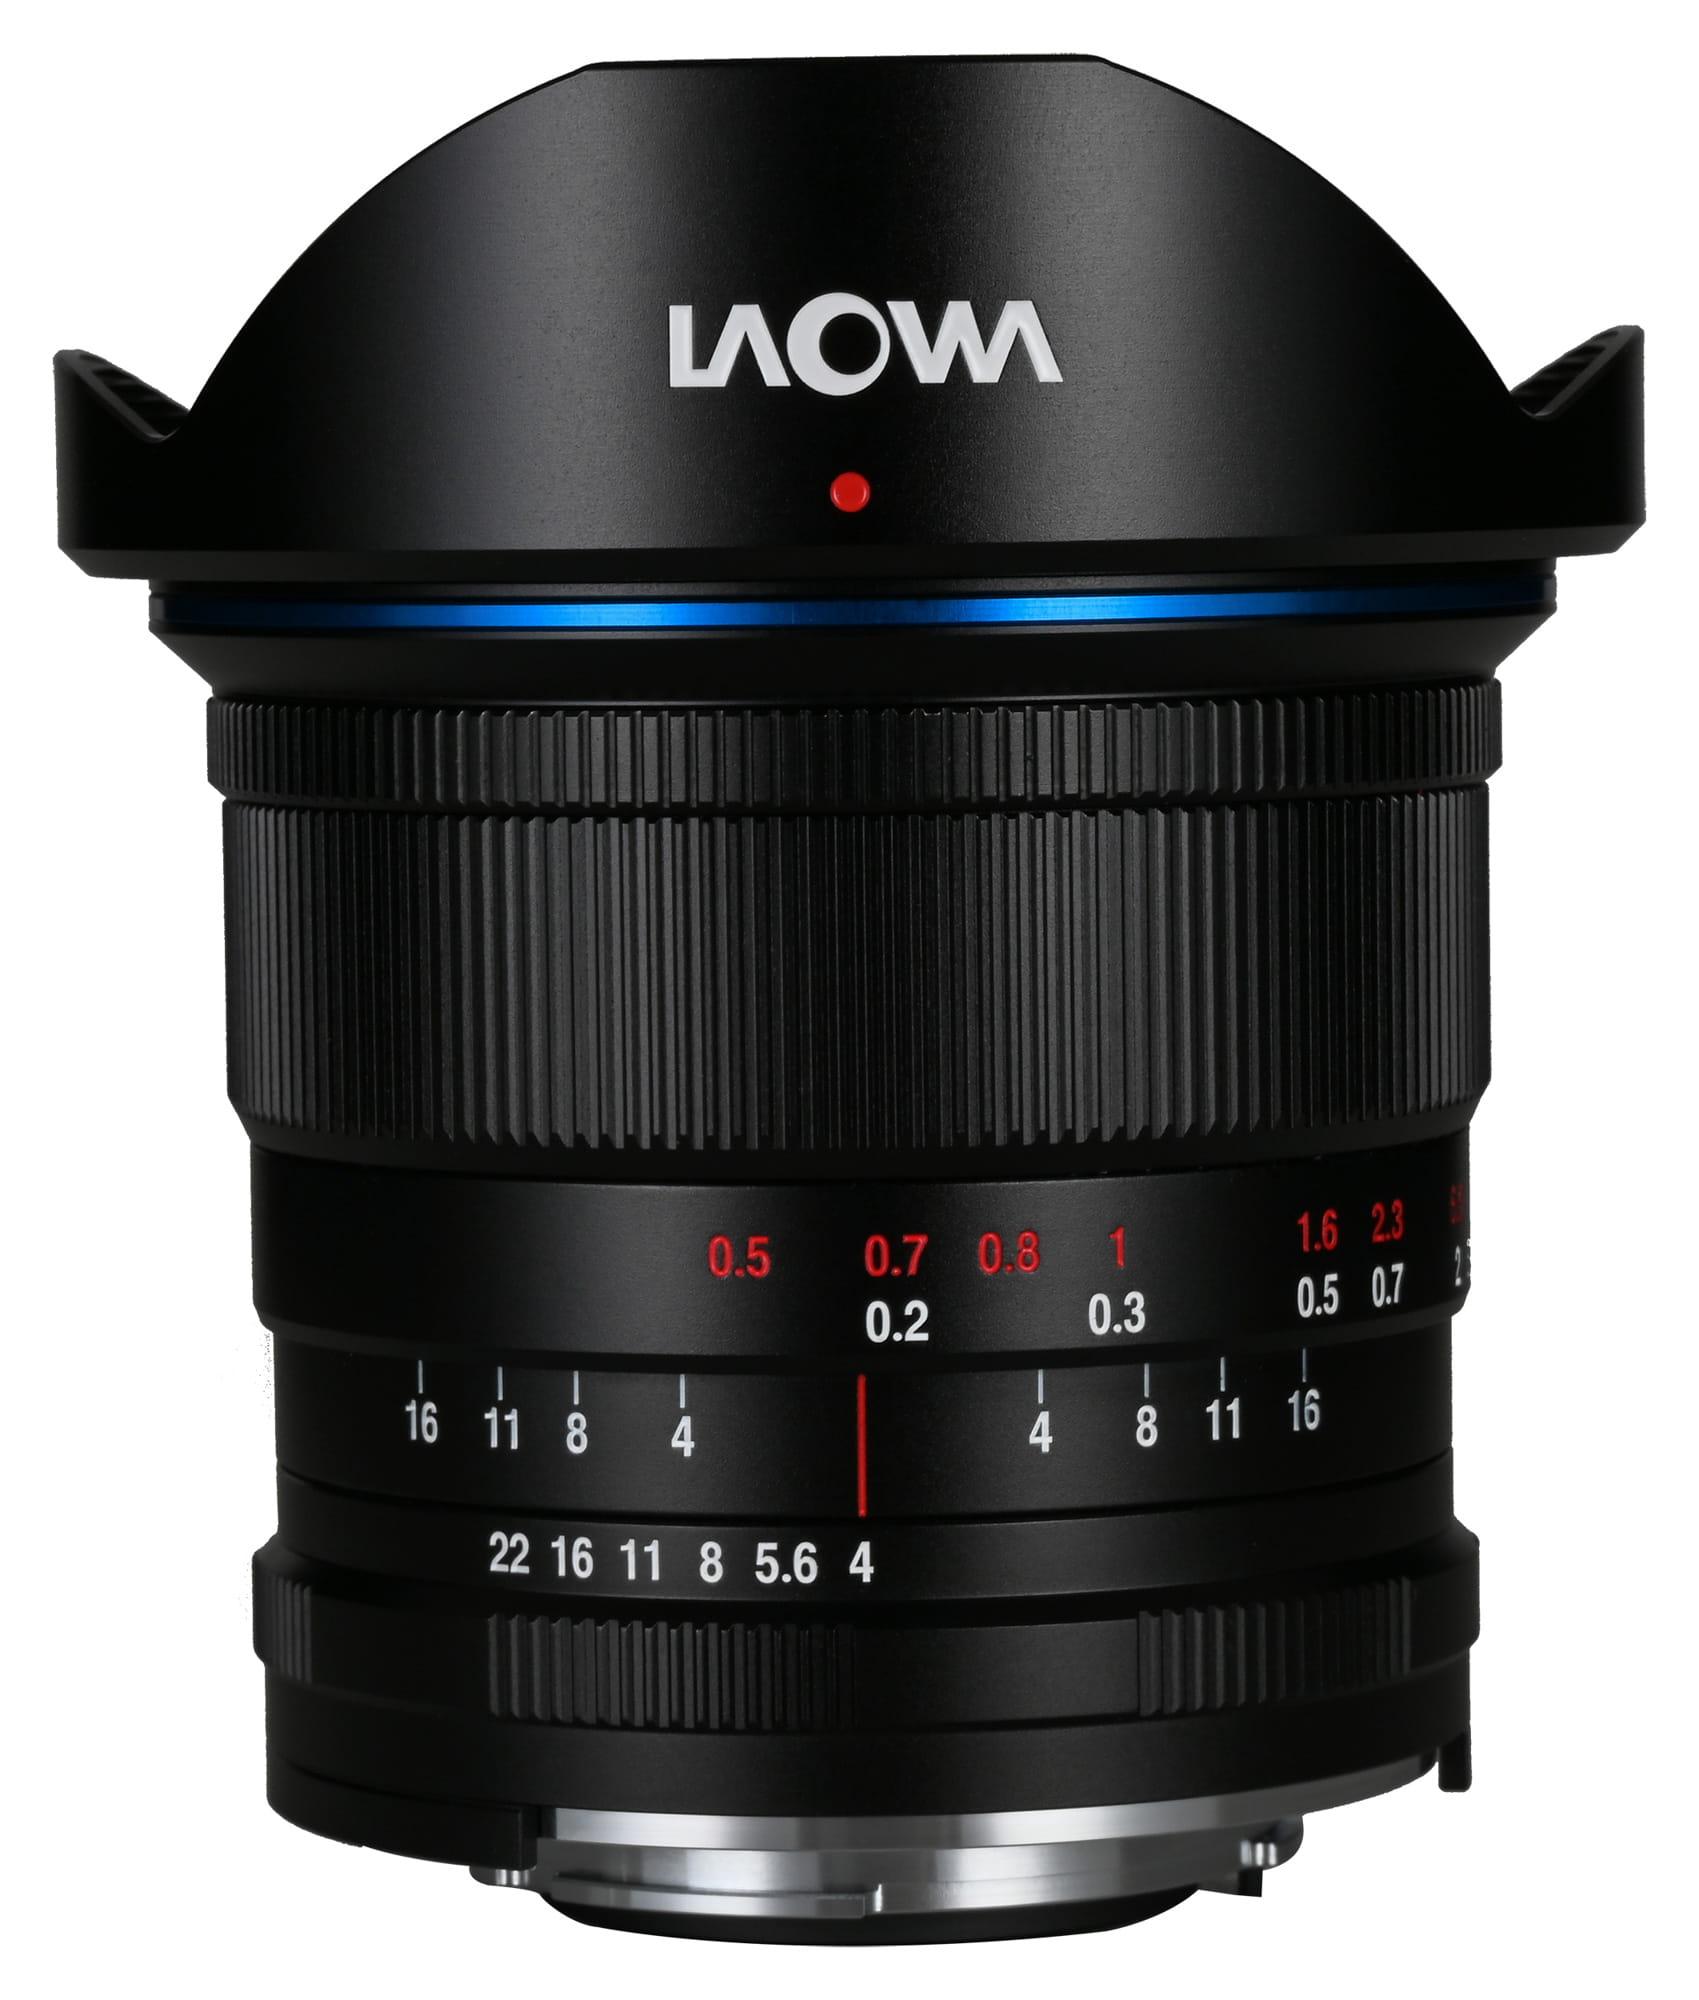 Obiektyw Venus Optics Laowa C&D-Dreamer 14 mm f/4.0 do Nikon F